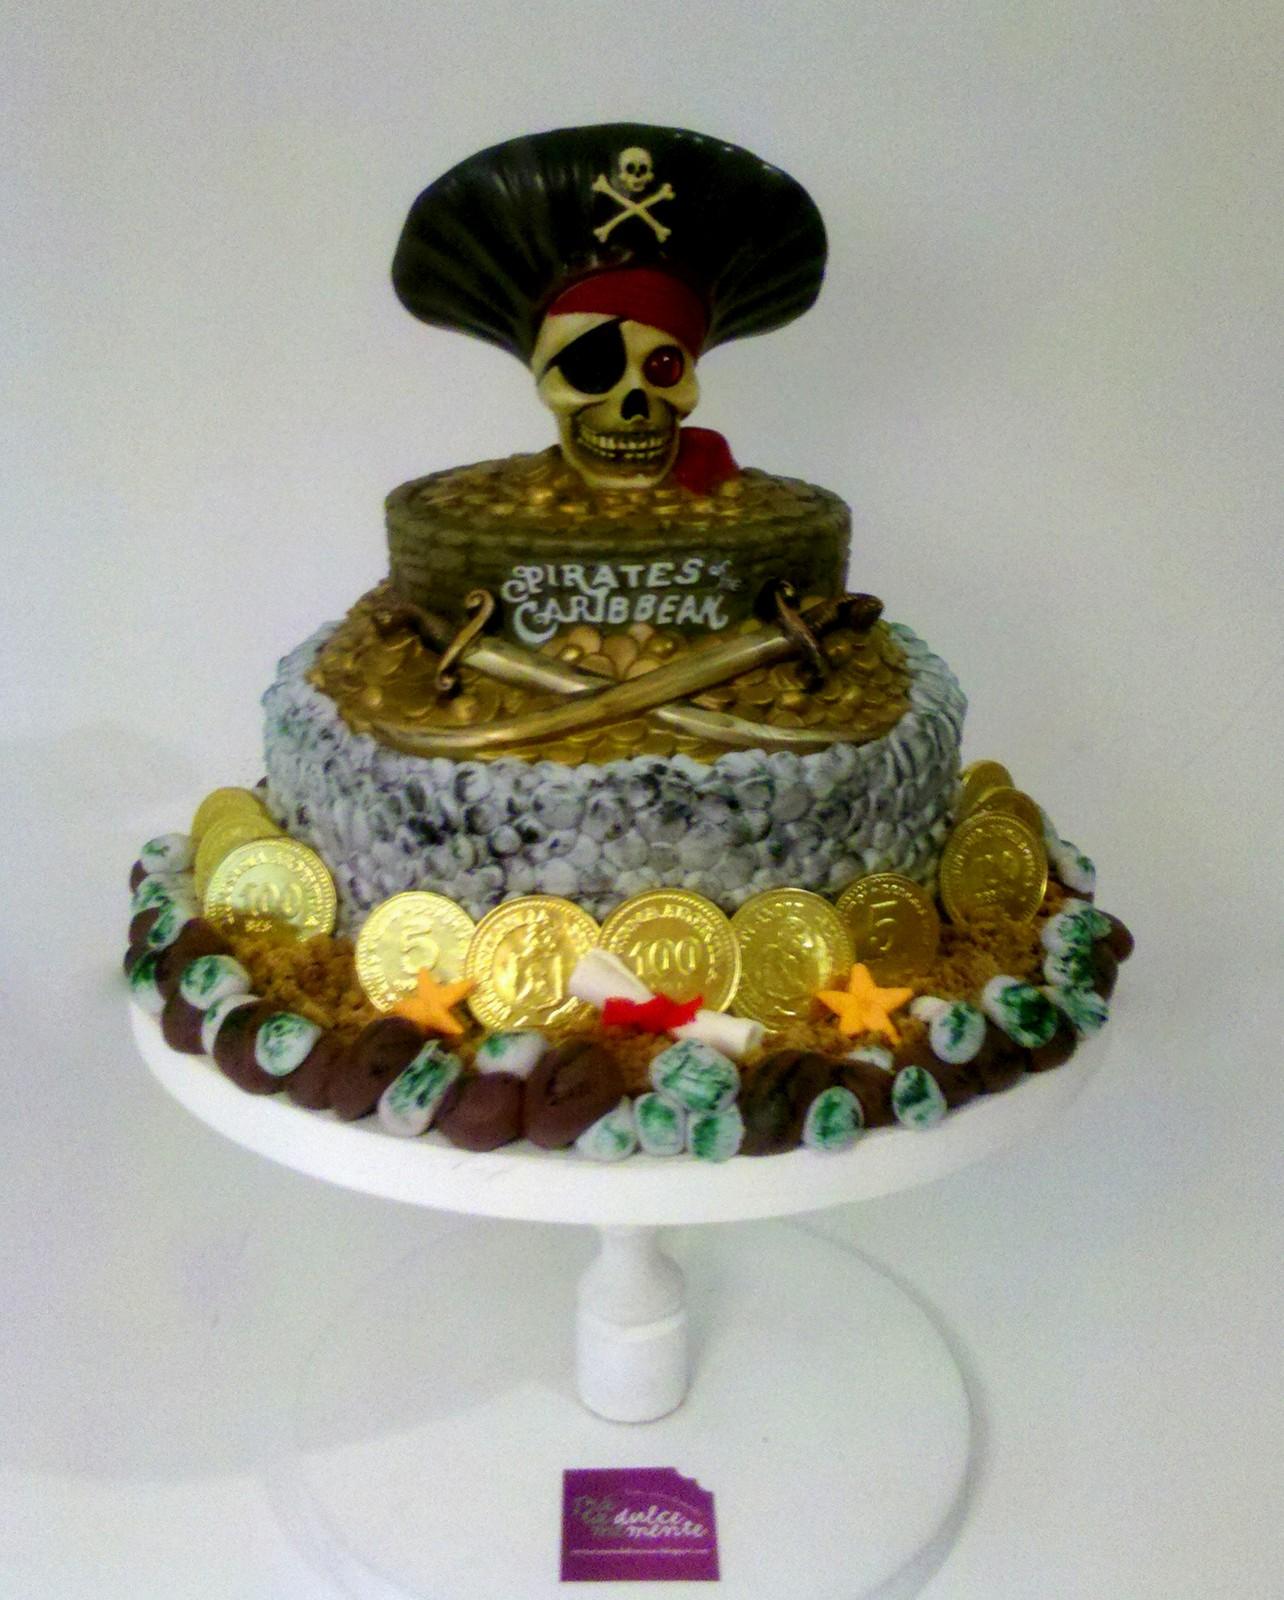 Cumpleaños `piratas del caribe - Imagui